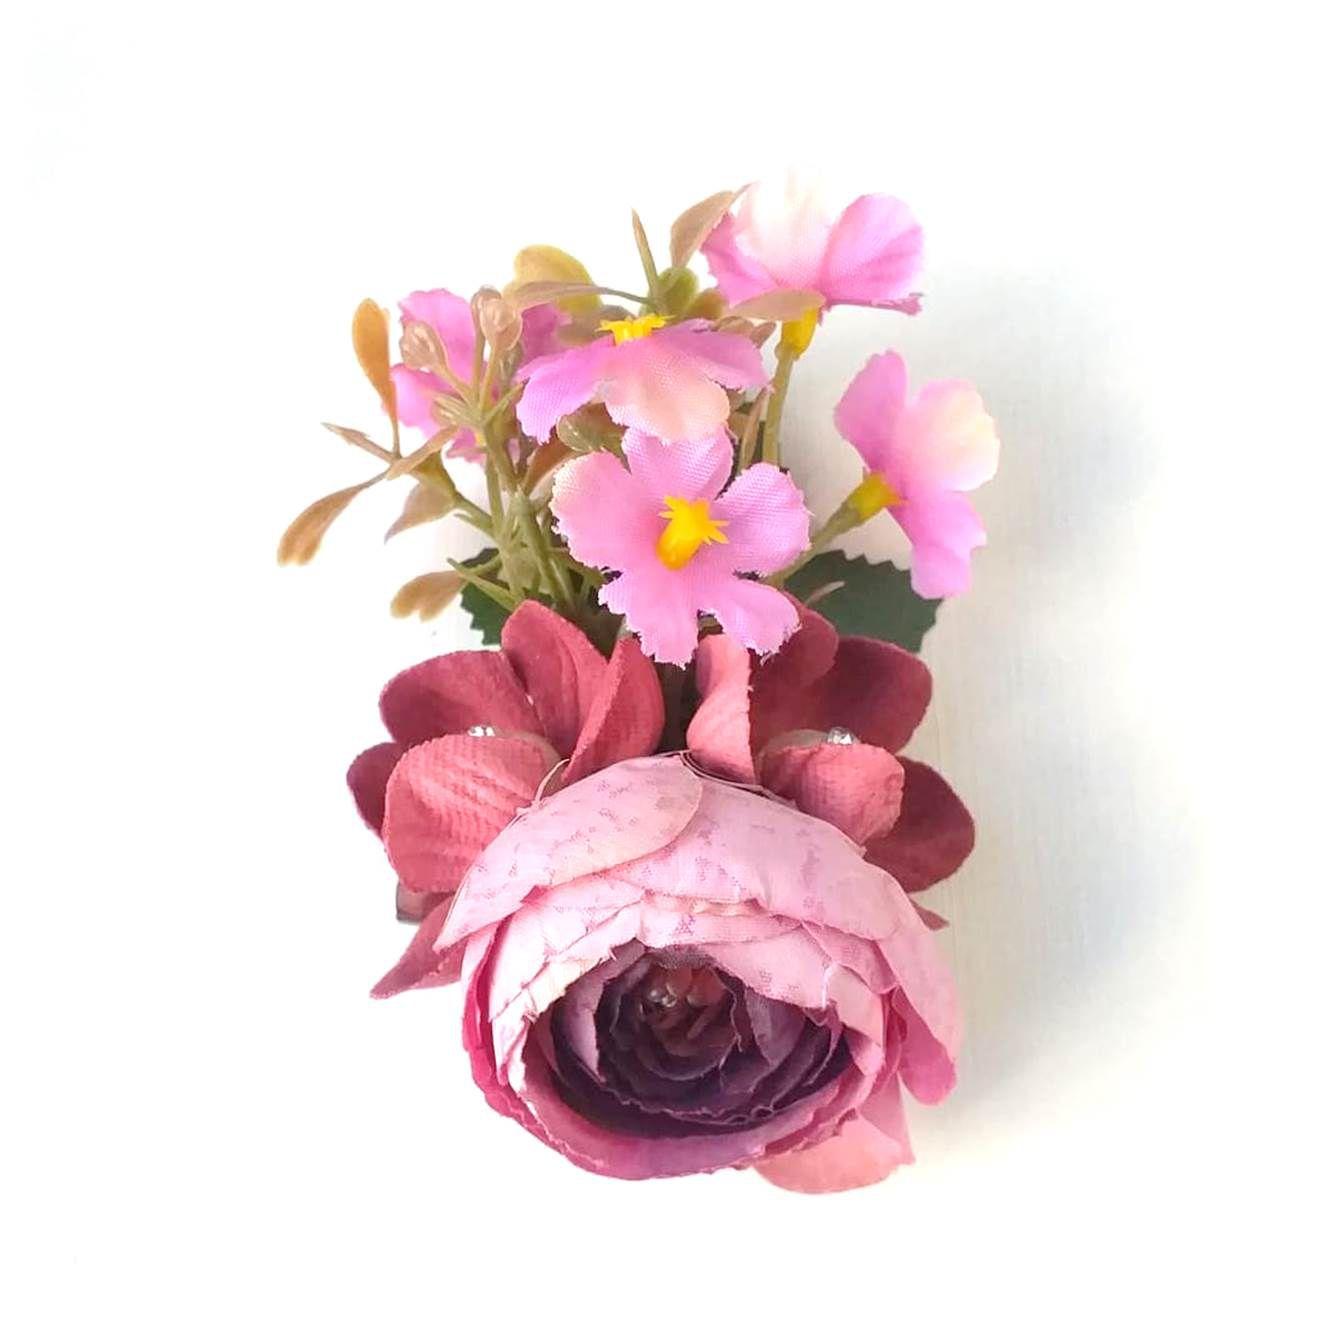 FLOR presilha flores pequenas flamenco